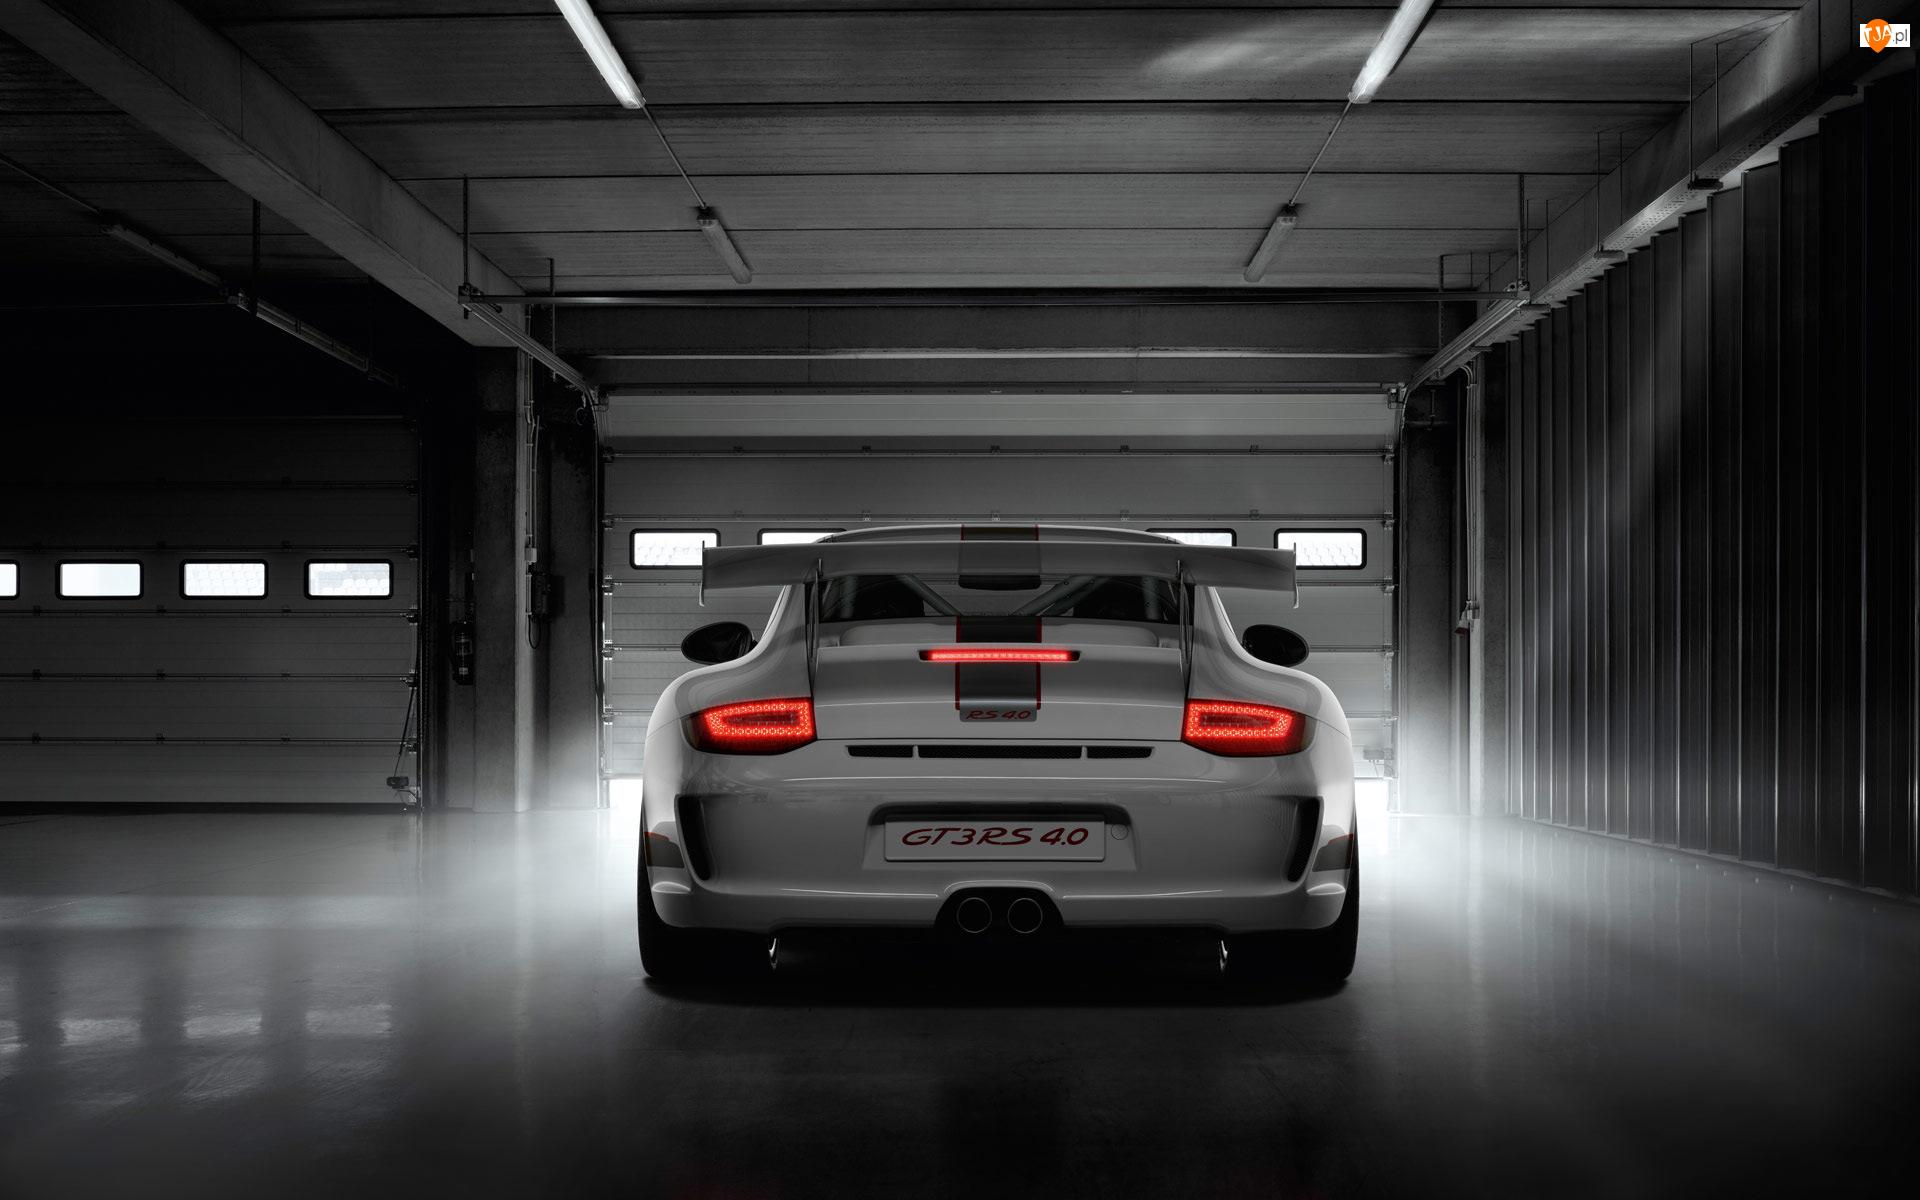 Garaż, Porsche 911 GT3 RS 4.0 Limited Edition, 2011